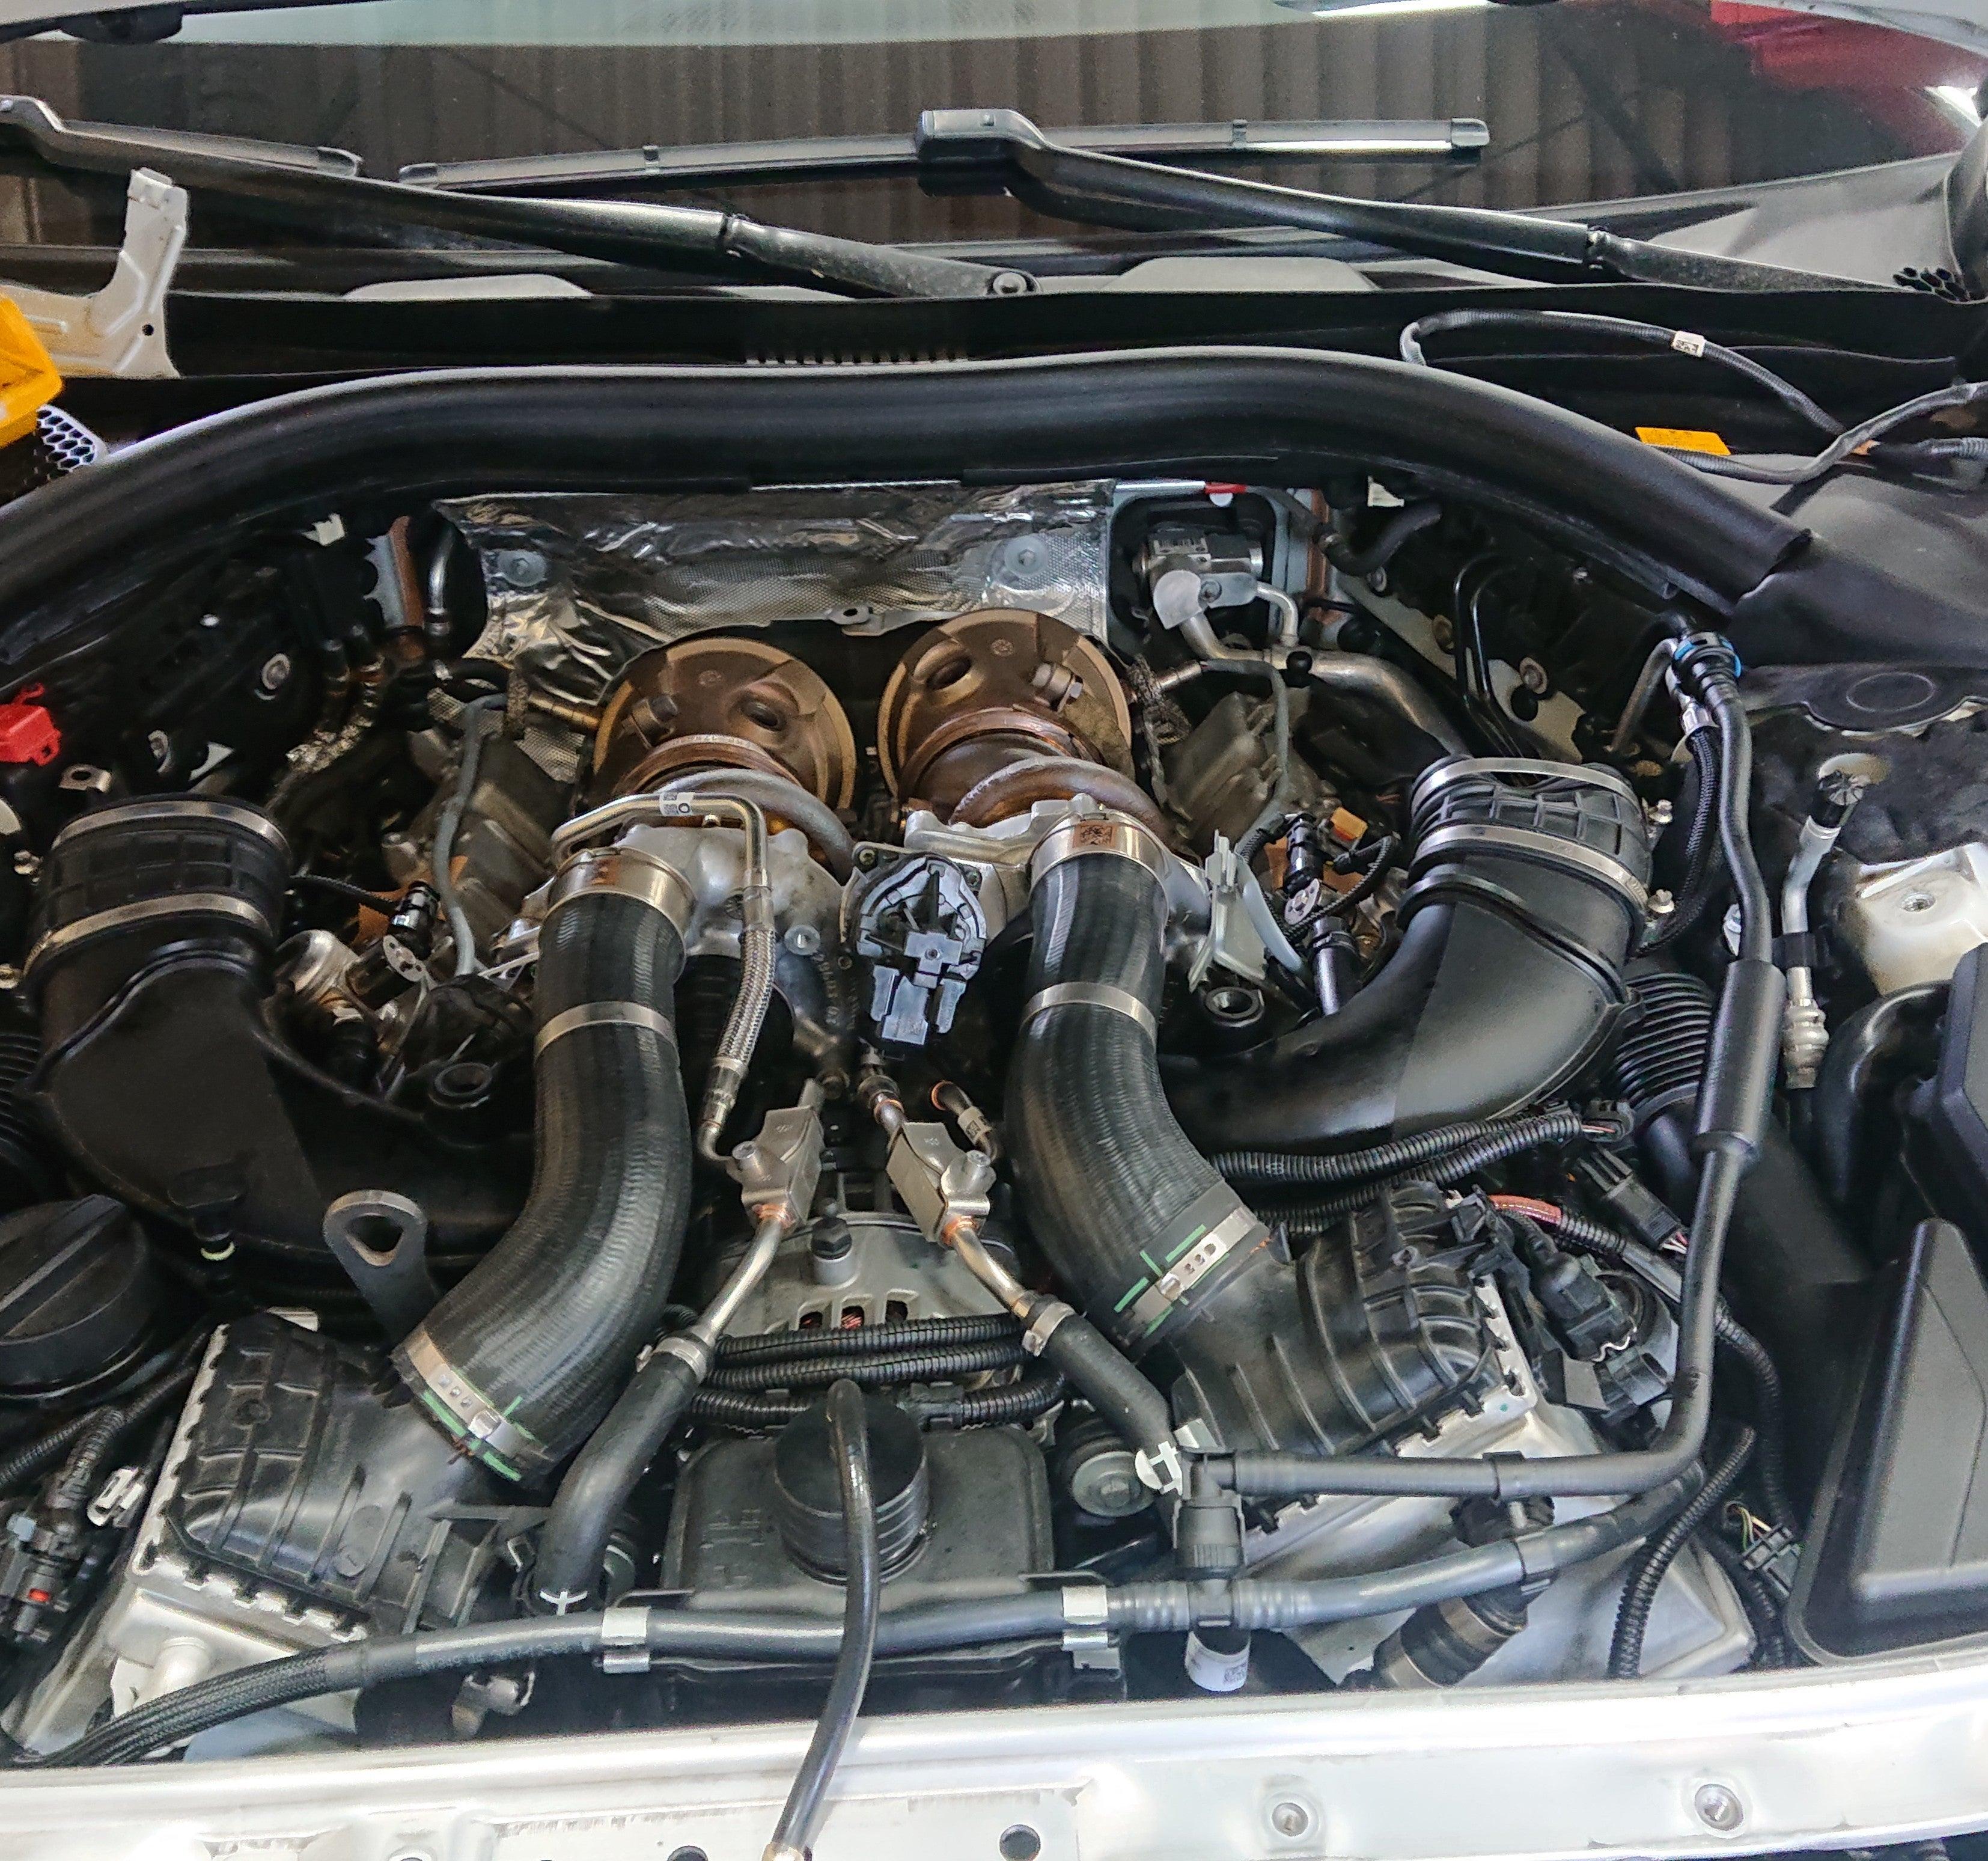 アバンティーファクトリー! BMW G11 750i 冷却水漏れ修理!!